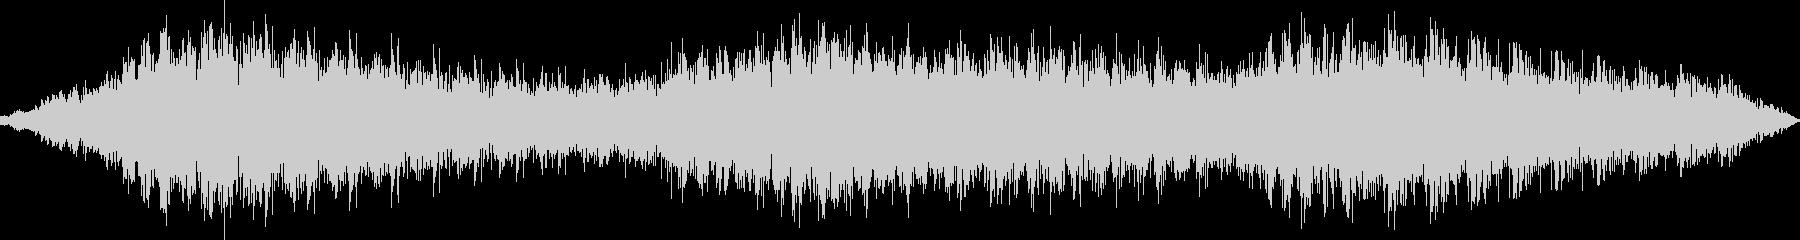 マインドスケープス1201 ZGの未再生の波形